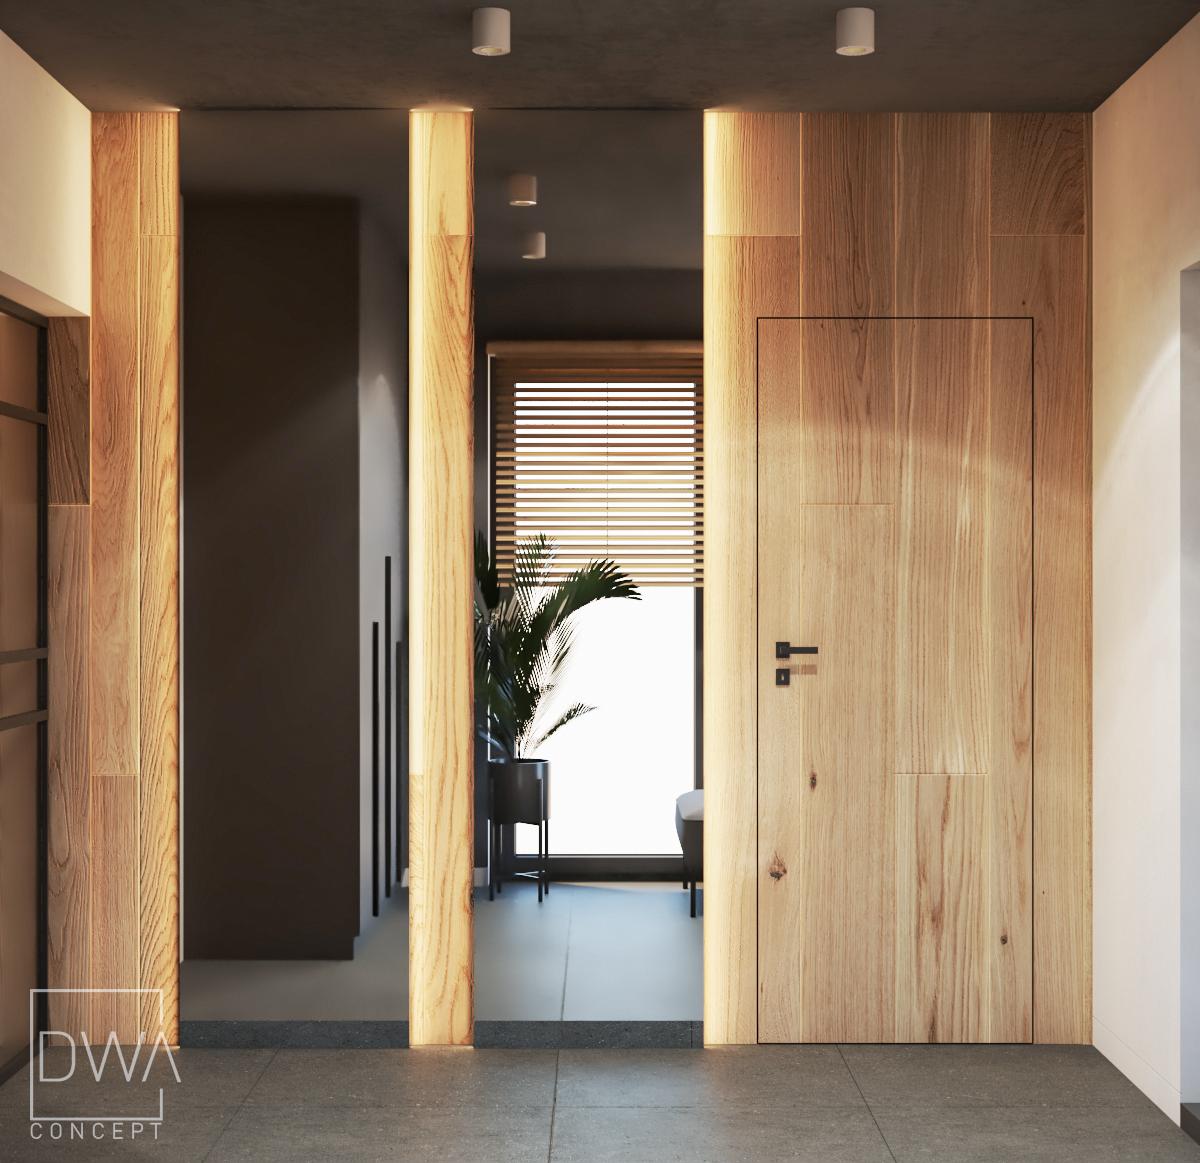 projektowanie wnętrz dwaconcept podhale, architekt wnętrz rabka zdrój architekt nowy targ architektura wnętrz kraków projekt wnętrz salon wysoki sufit antresola